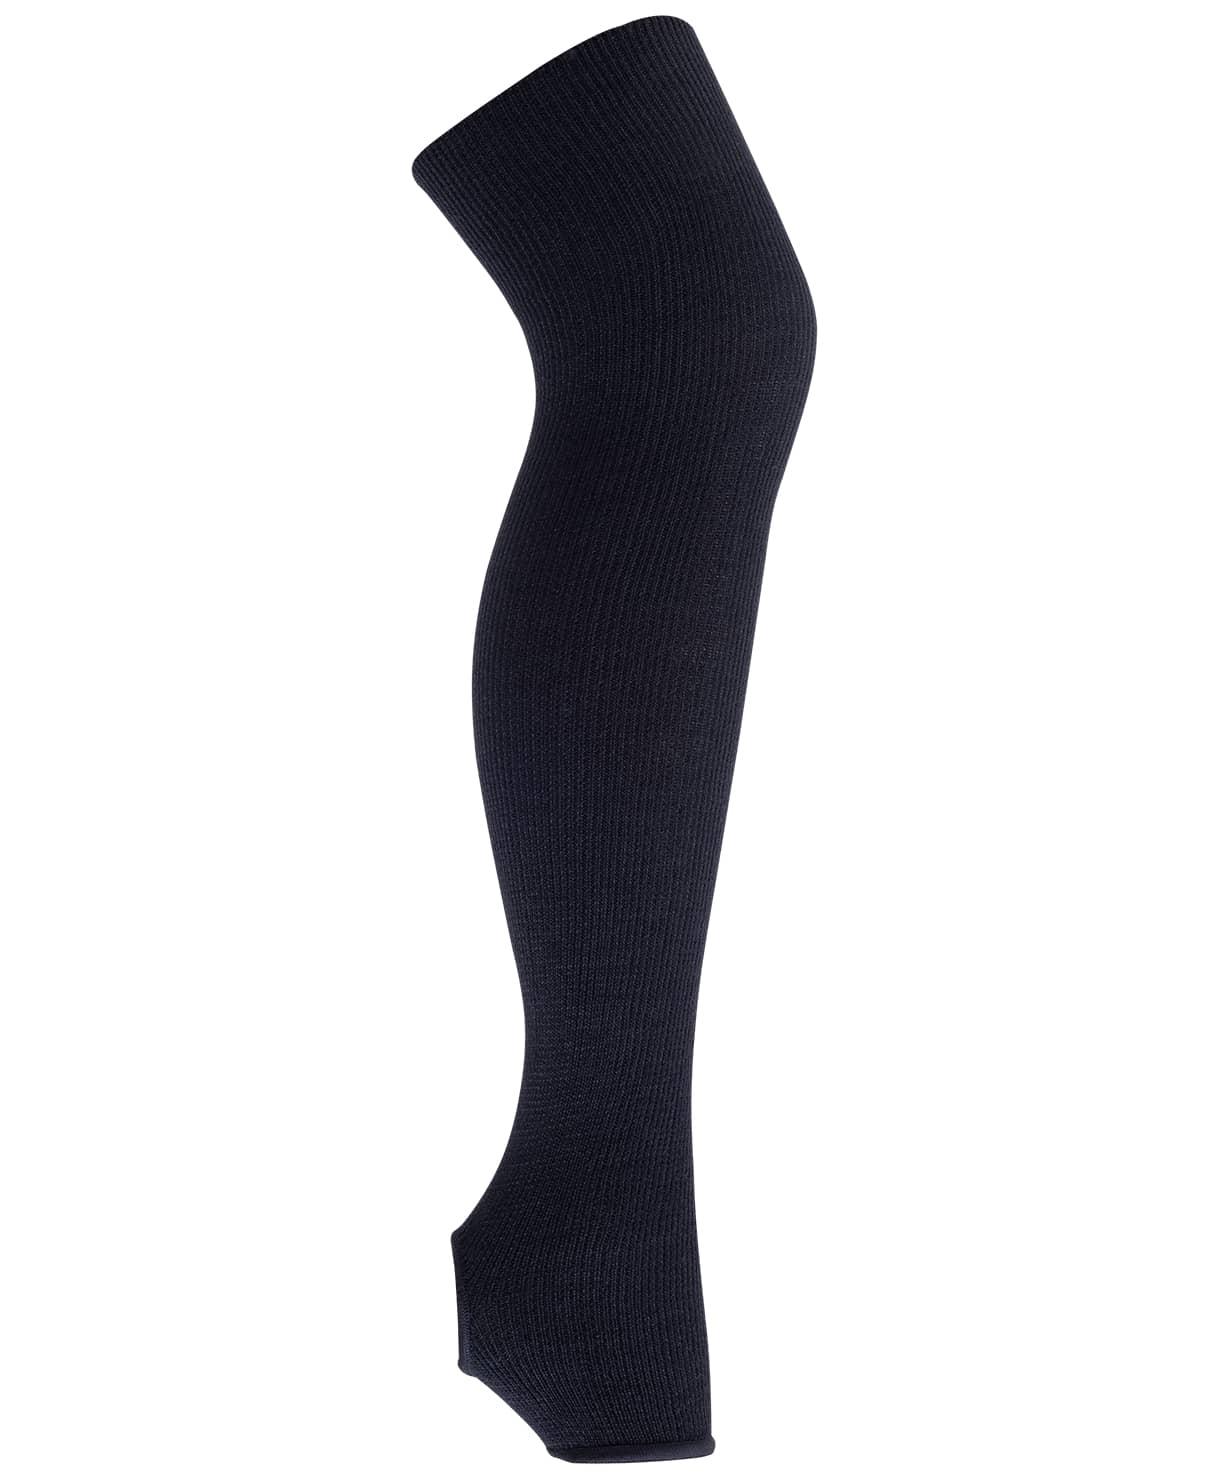 Гетры гимнастические разогревочные Stella Black, шерсть, 50 см